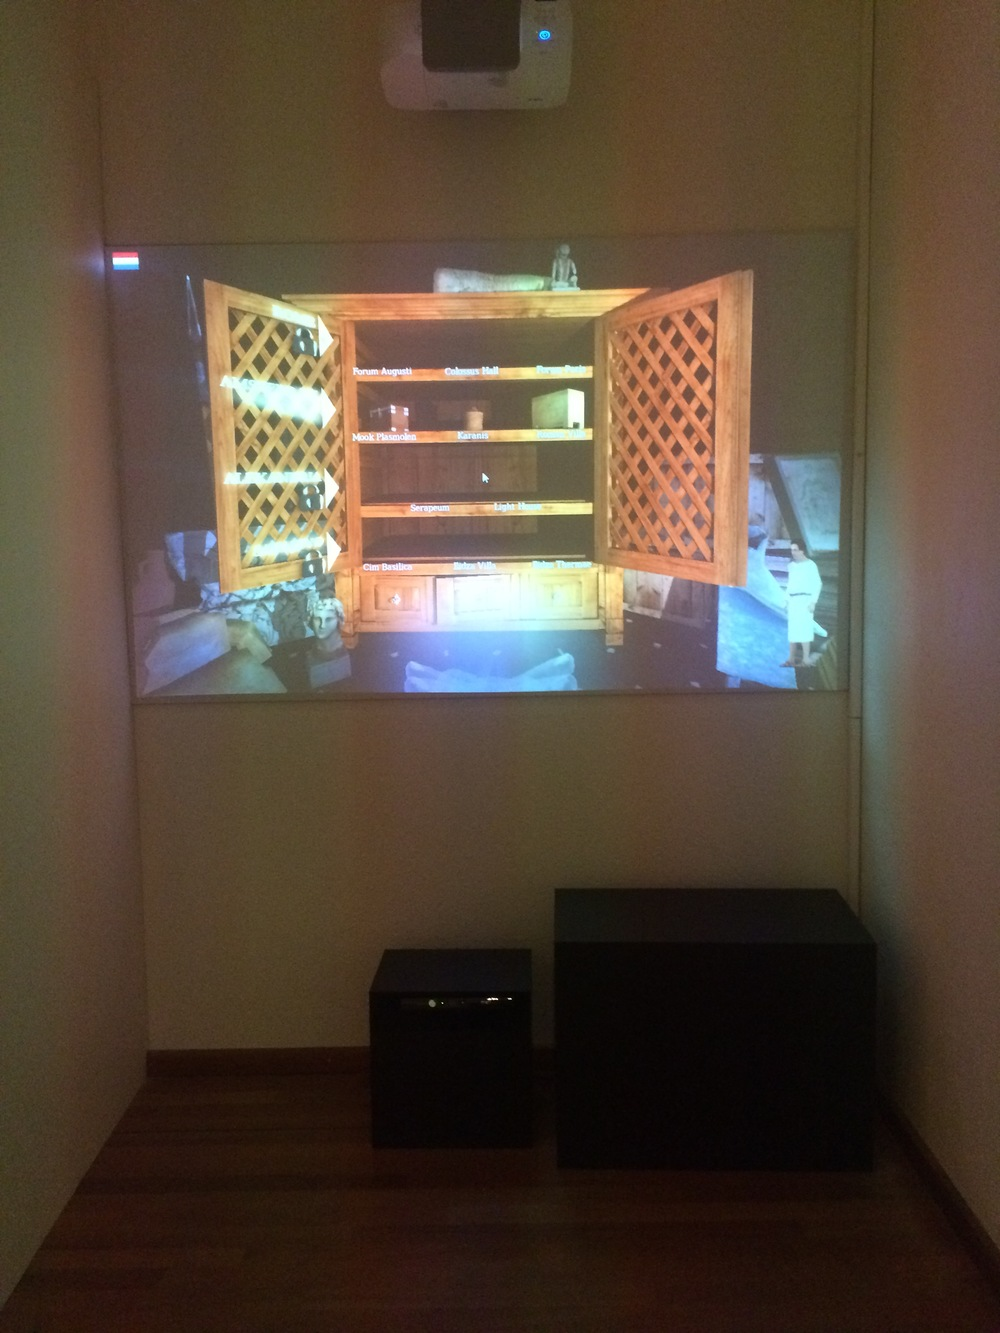 Deze installatie werkt met kinect. Je kunt voorwerpen uit de kast pakken en bekijken door je handen uit te steken.